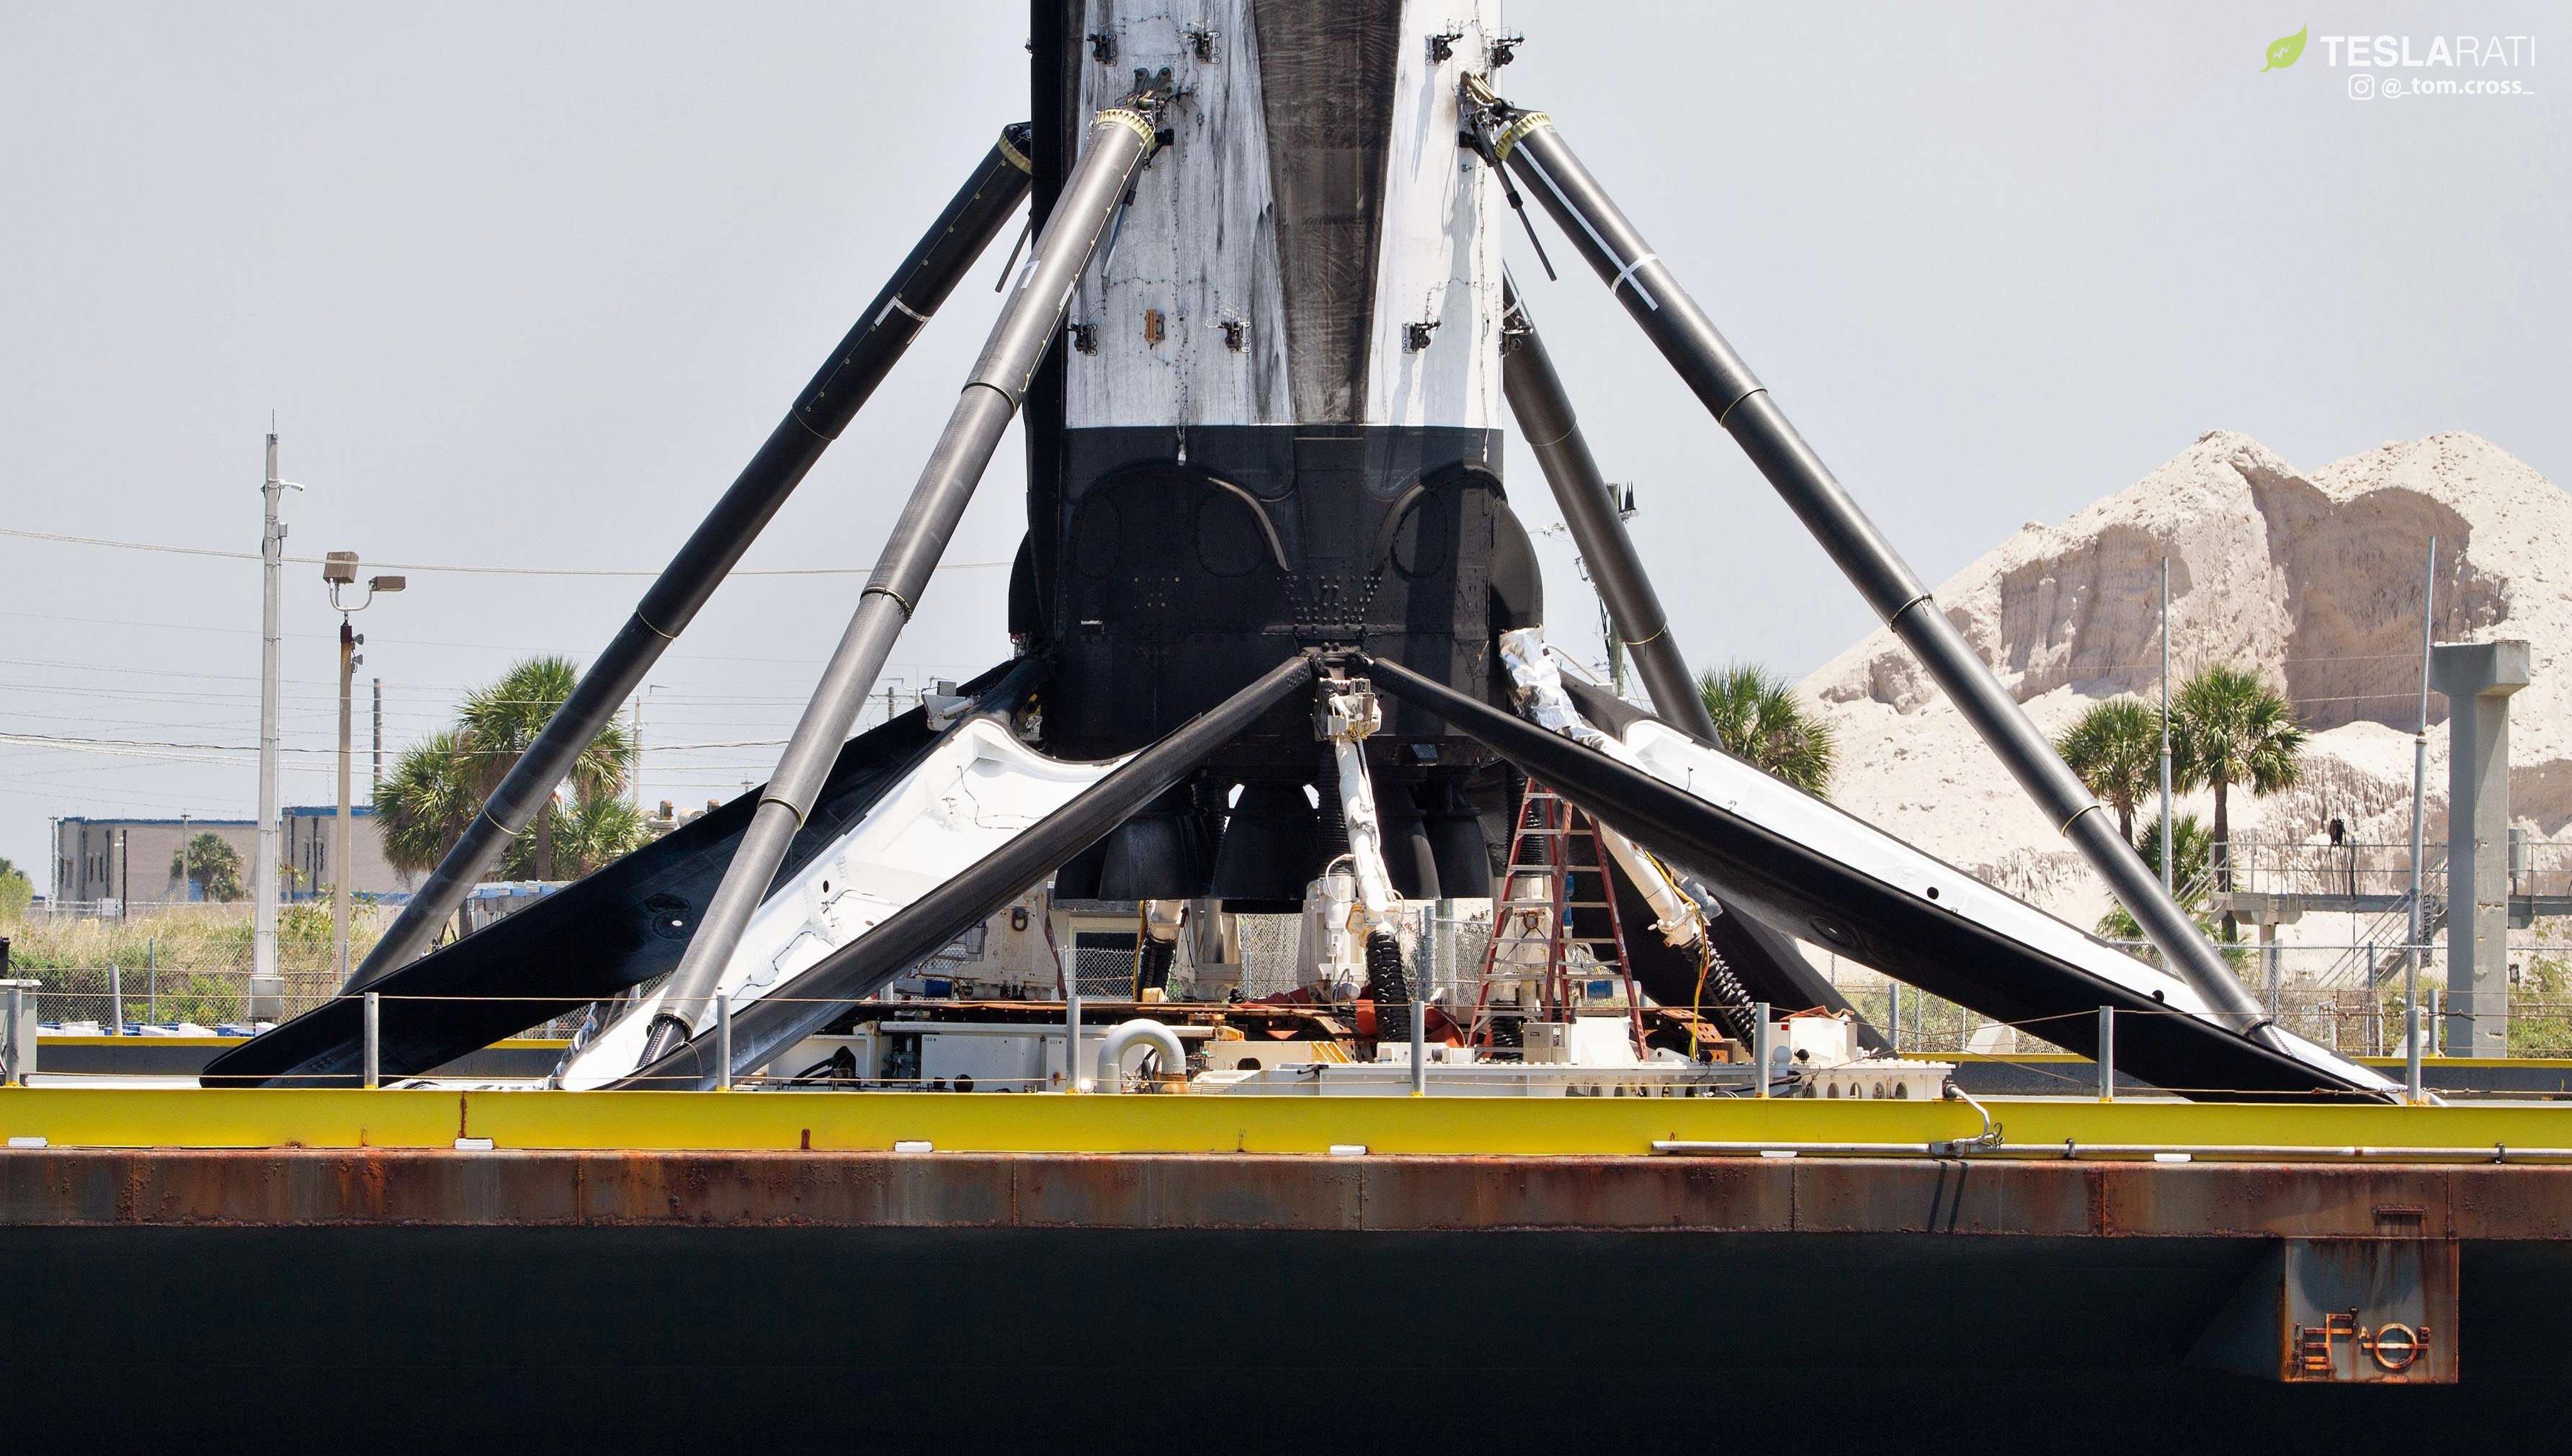 Falcon 9 B1049 Starlink Flight 3 return OCISLY 052819 (Tom Cross) 7 (c) 2